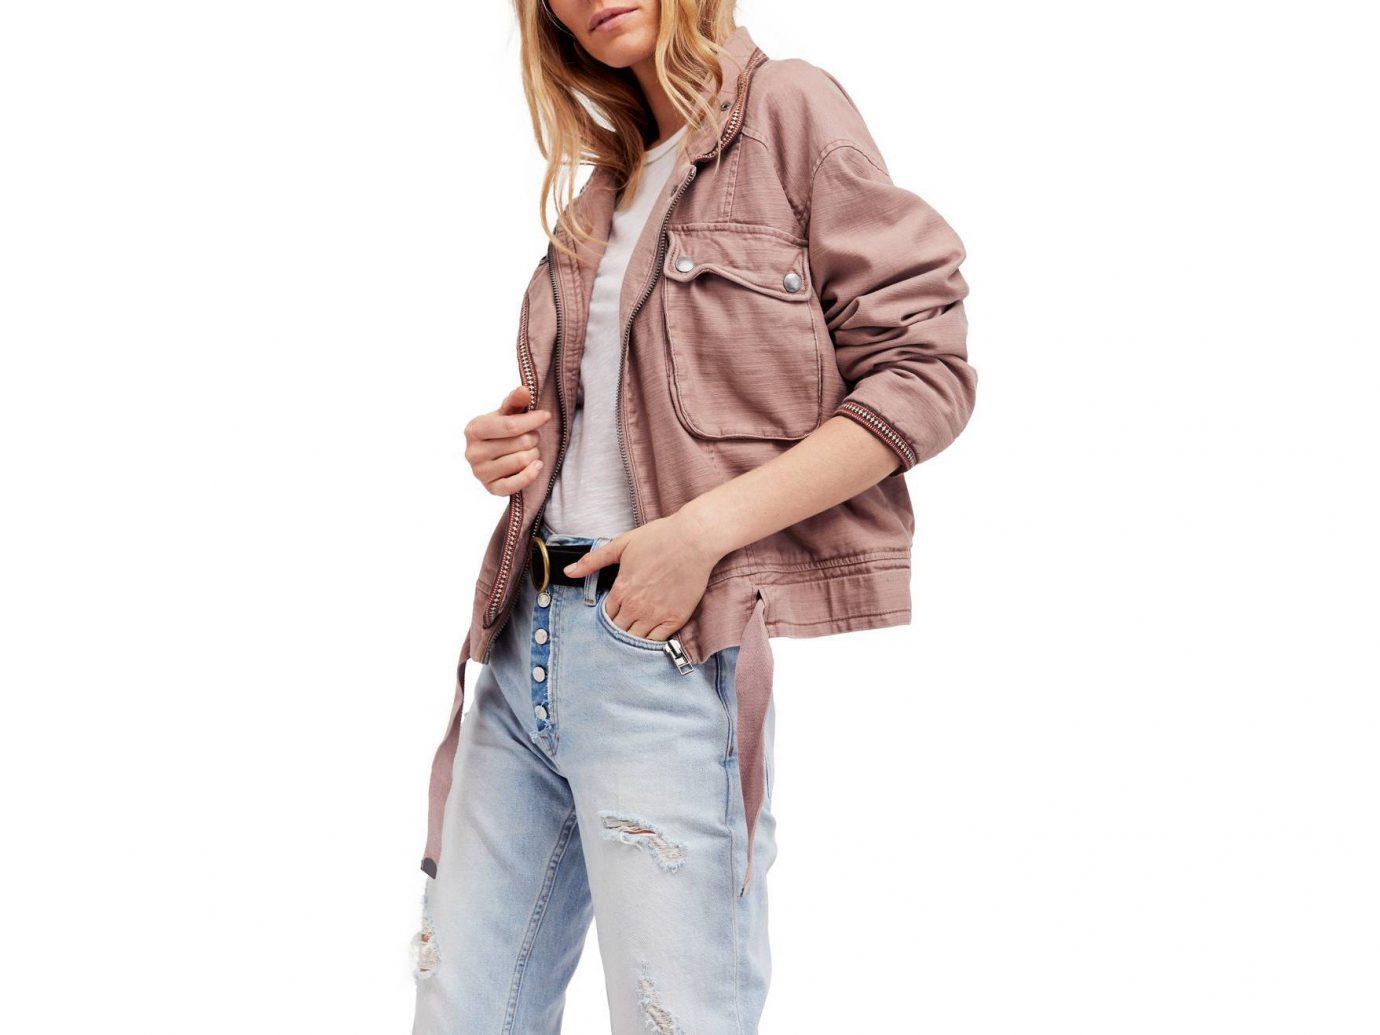 Packing Tips Spring Travel Style + Design Travel Shop person clothing shoulder jacket fashion model sleeve coat beige jeans neck pocket trouser